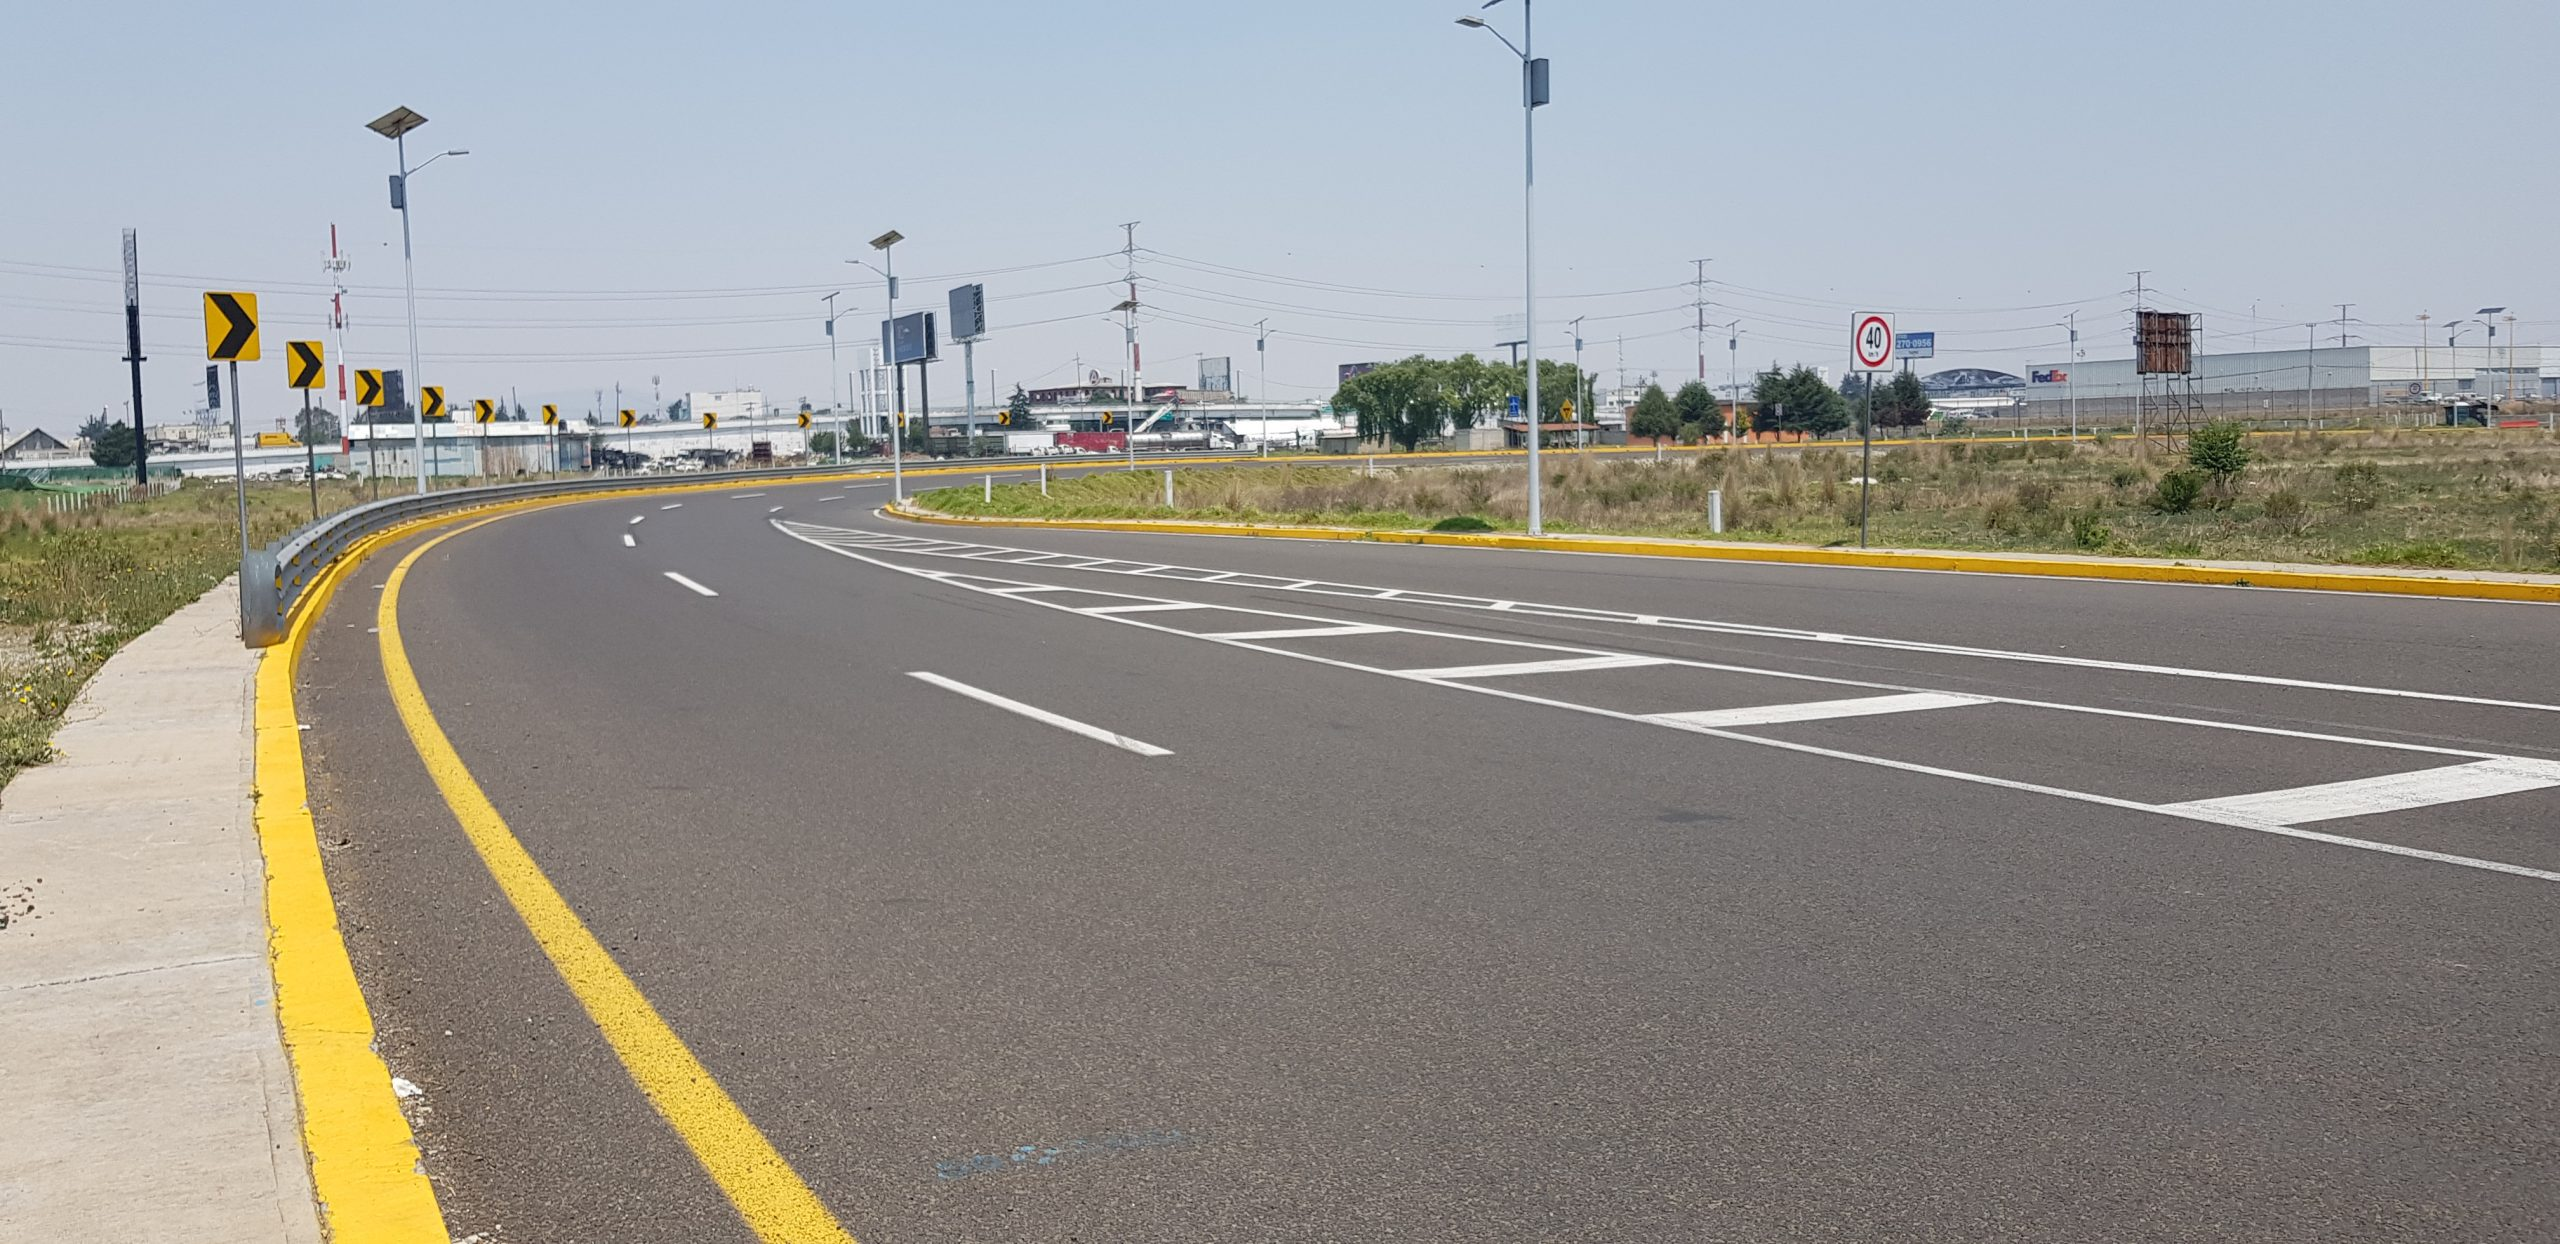 Aumenta 461 % costo de construcción de autopista Toluca-Naucalpan